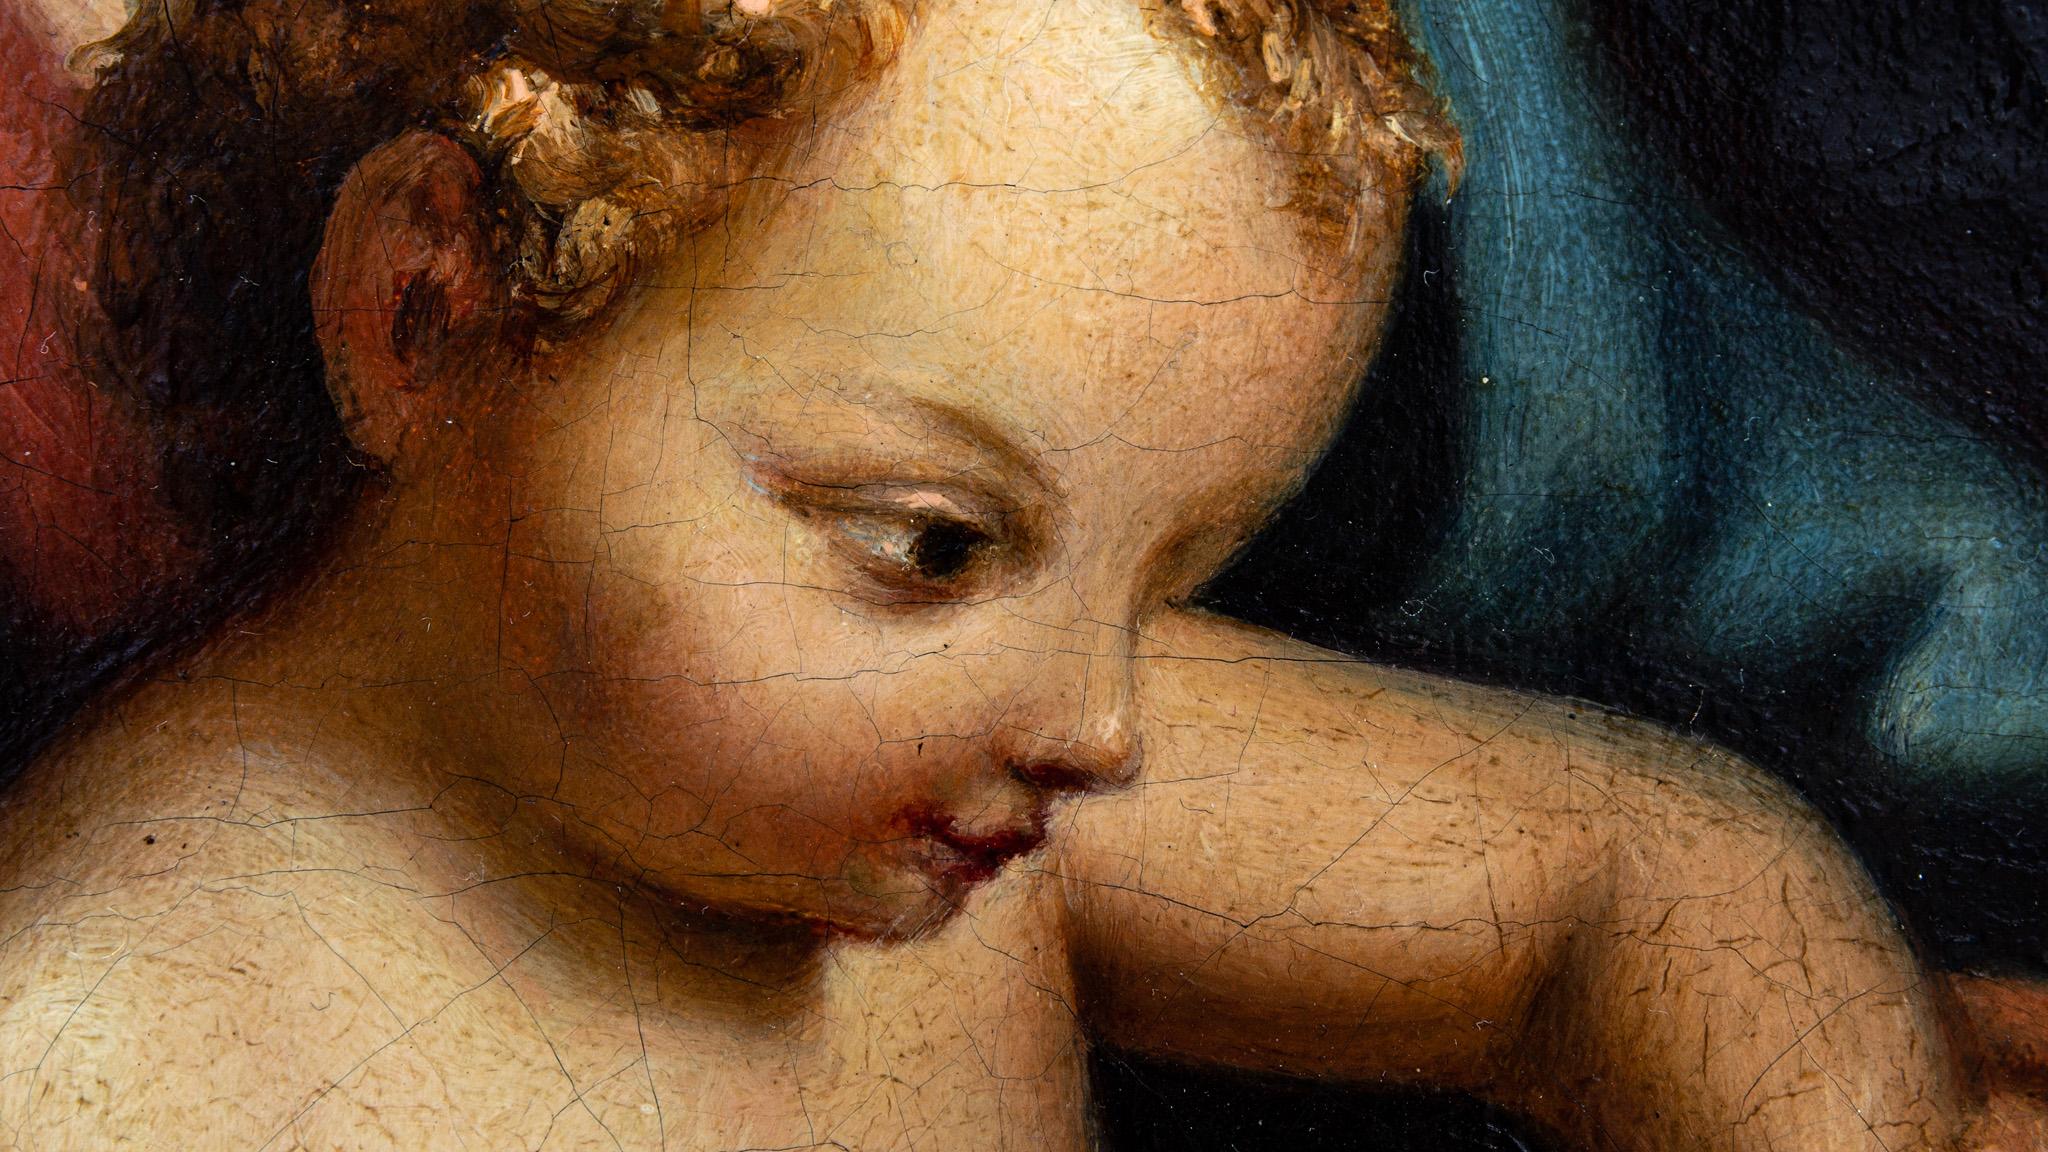 Zbliżenie fotograficzne na naturalne krakelury na obrazie z przełomu XVII i XVIII wieku.